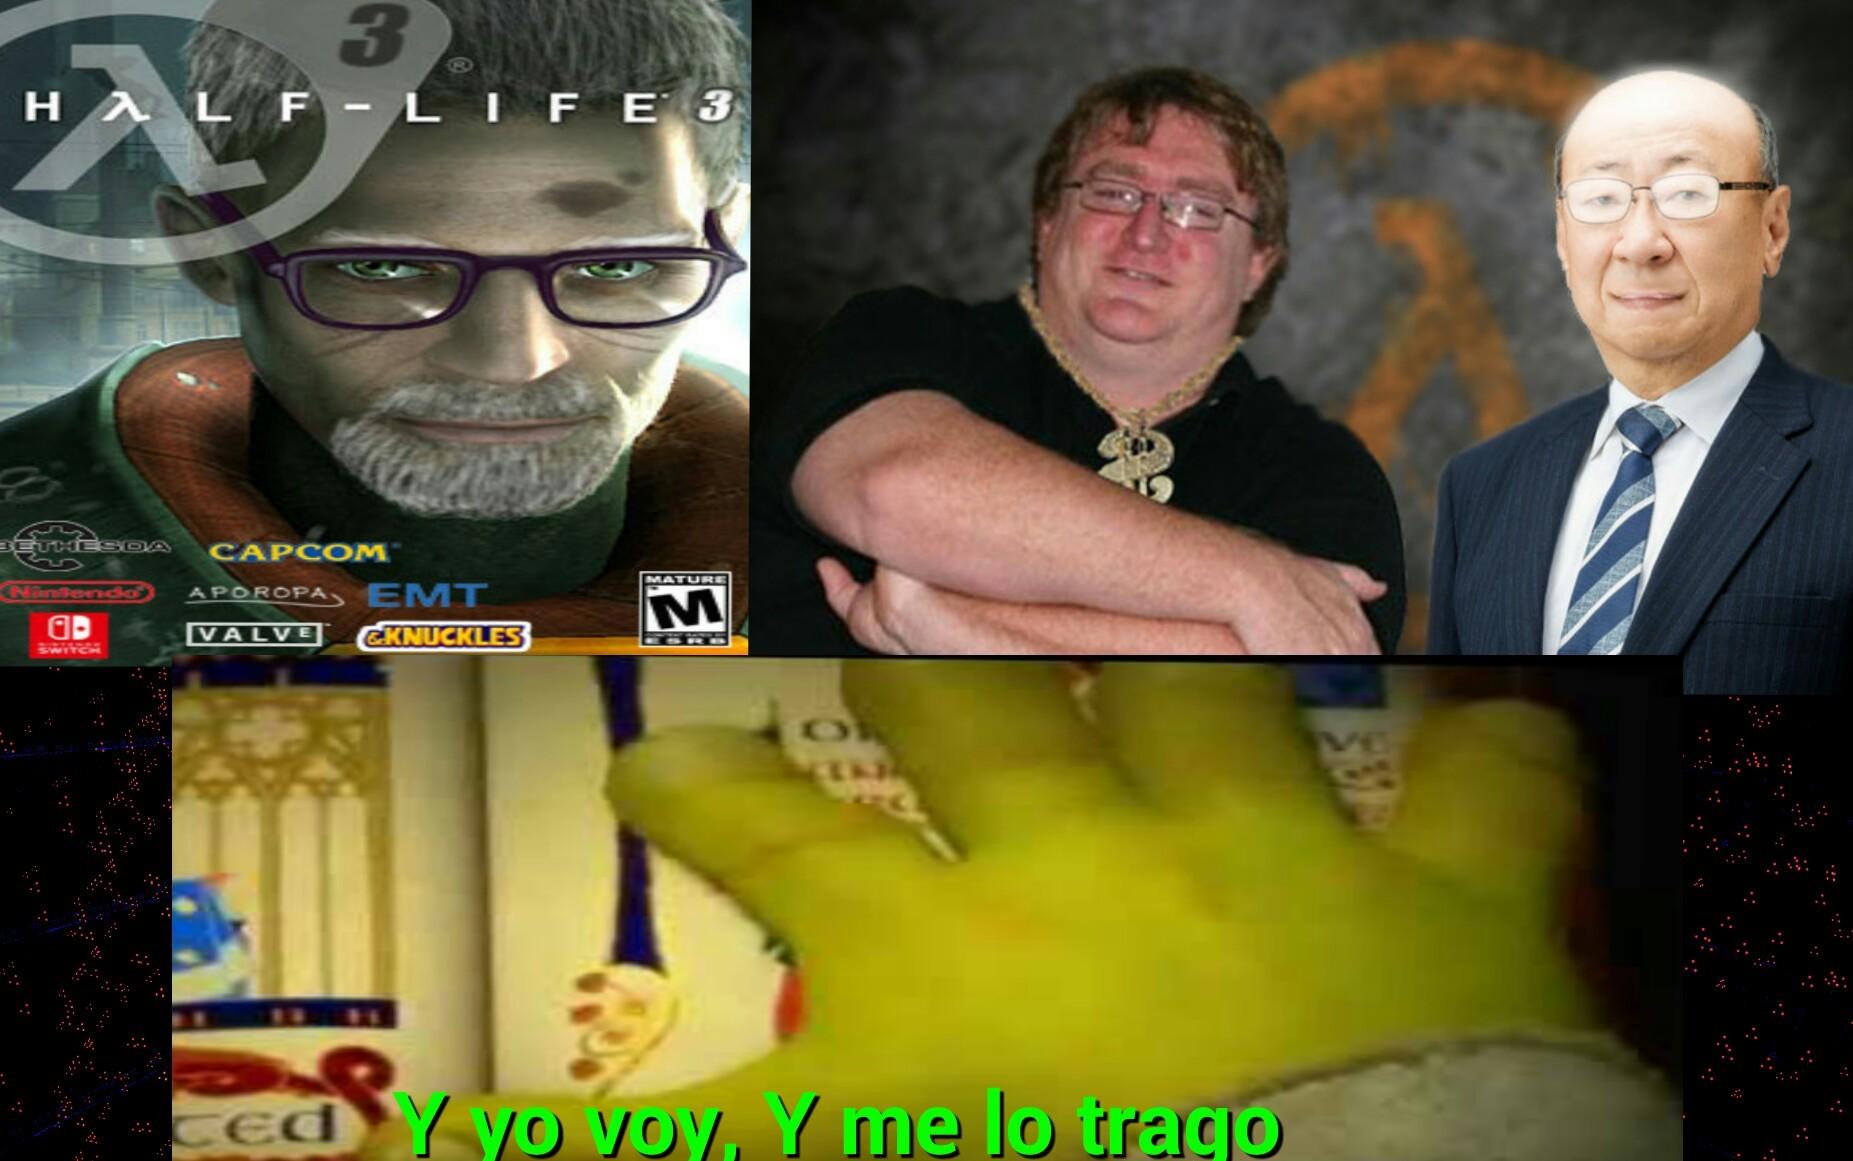 Gordon tiene un genital en el traje ಠ_ಠ - meme